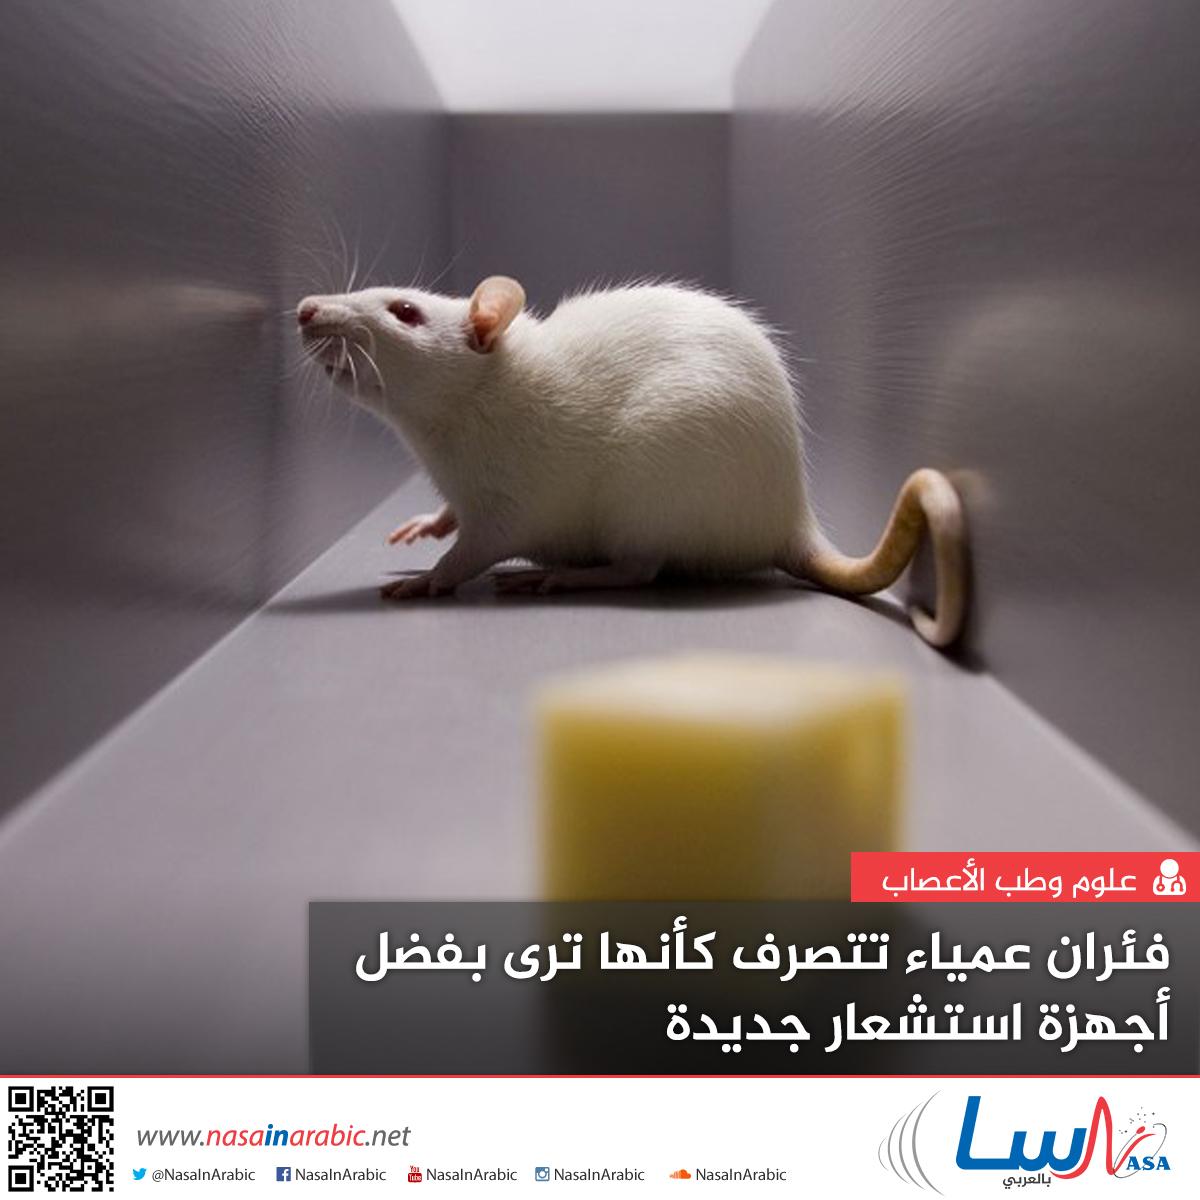 فئران عمياء تتصرف كأنها ترى بفضل أجهزة استشعار جديدة